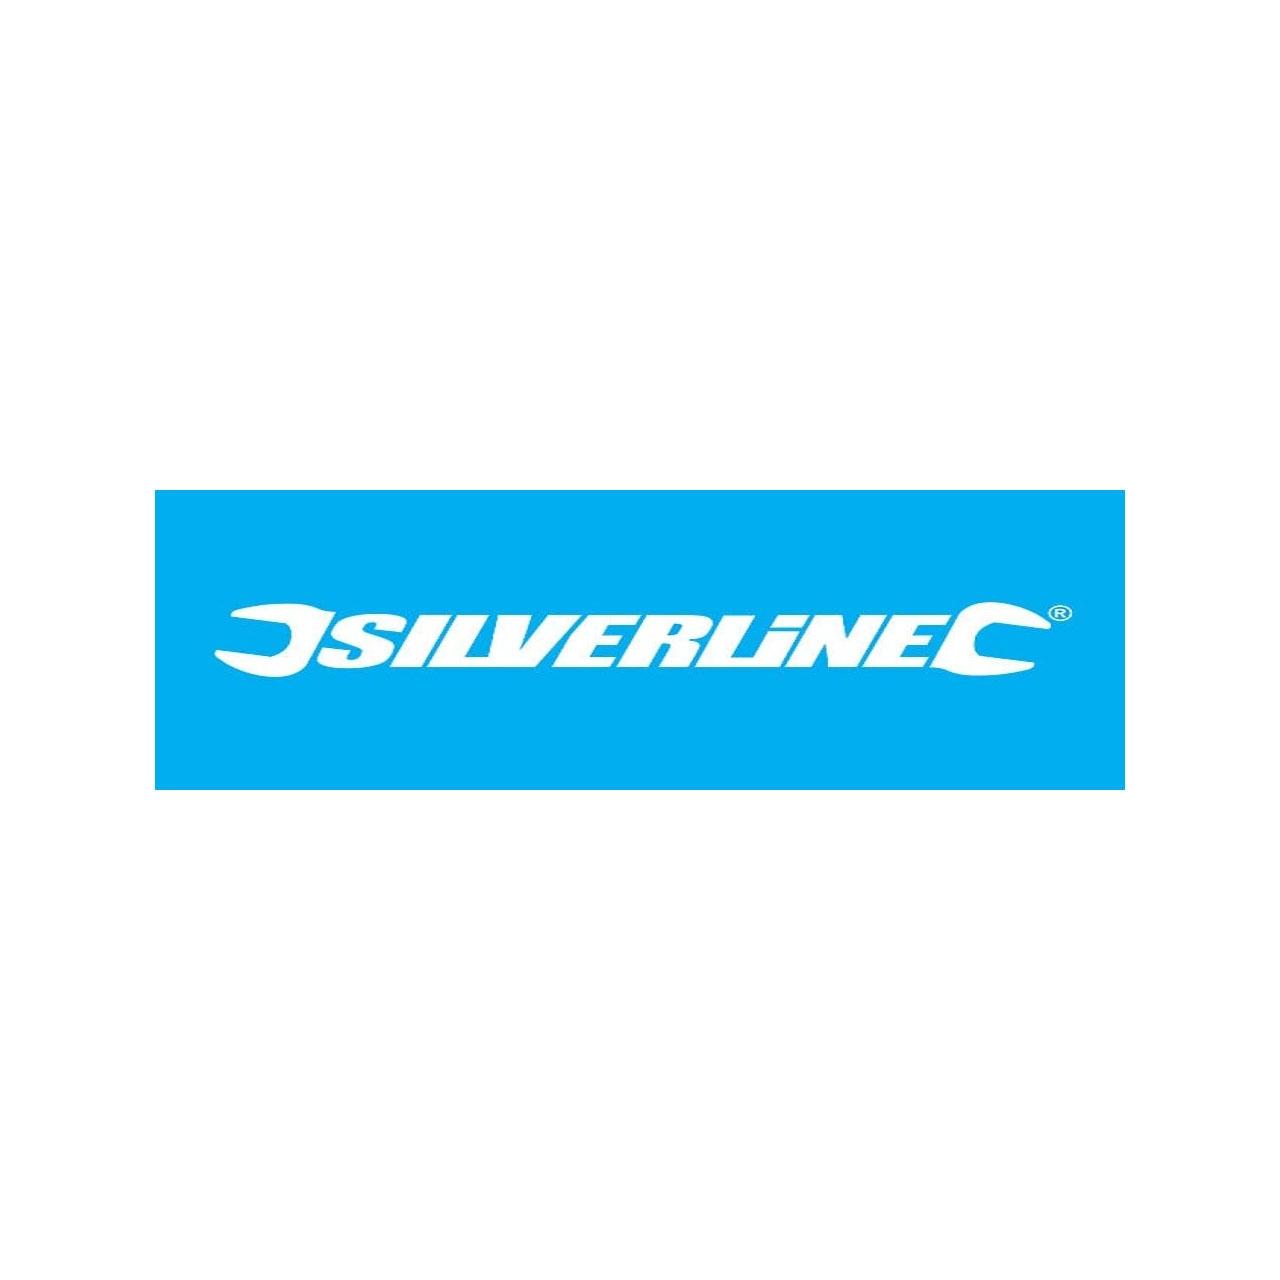 Silverline ®